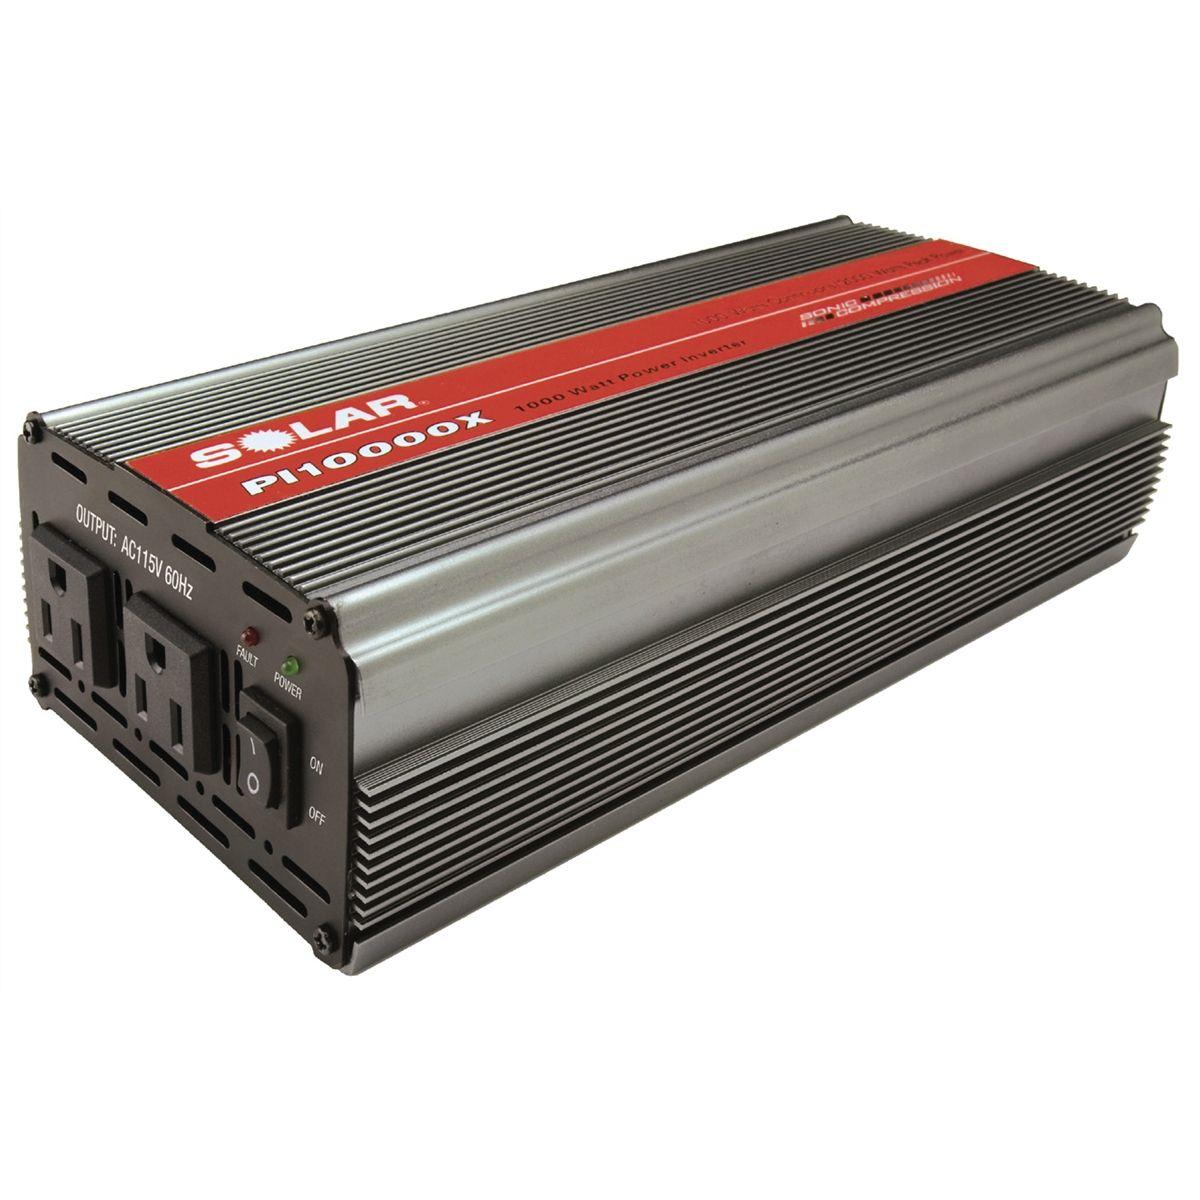 Solar Pi10000x 1000 Watt Power Inverter Solpi10000x